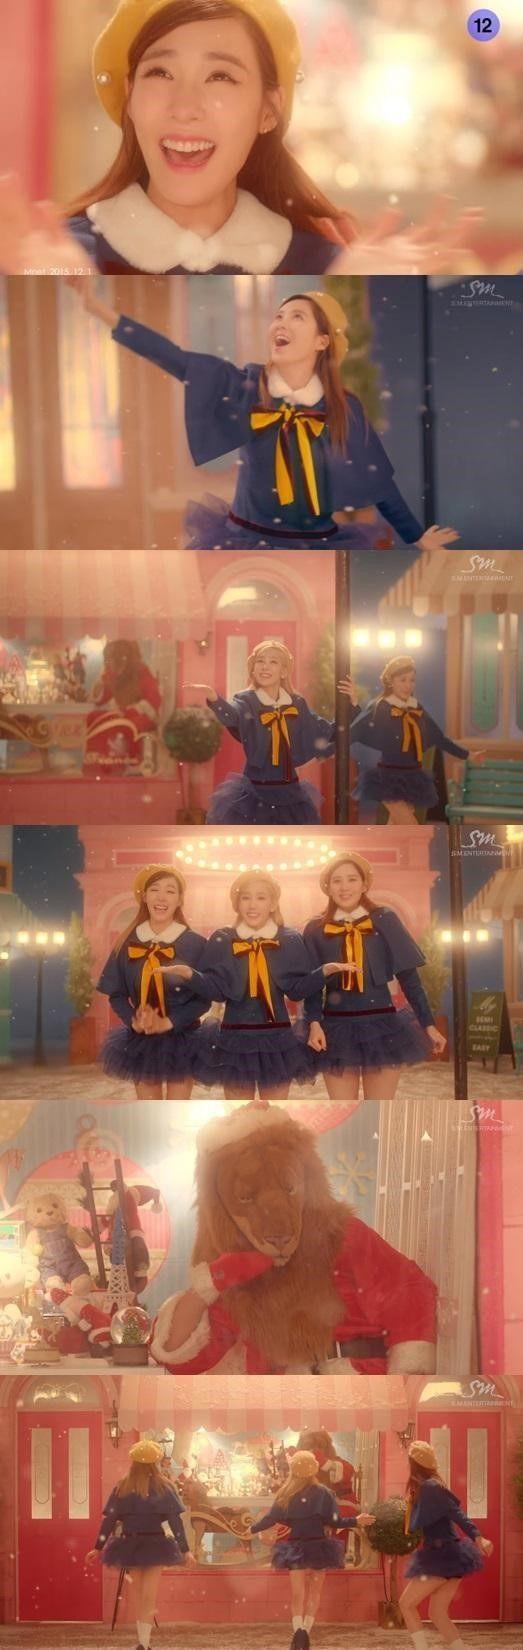 少女時代 テティソ「Dear Santa」MV予告映像第2弾を公開…「Lion Heart」のライオンが登場 - K-POP - 韓流・韓国芸能ニュースはKstyle